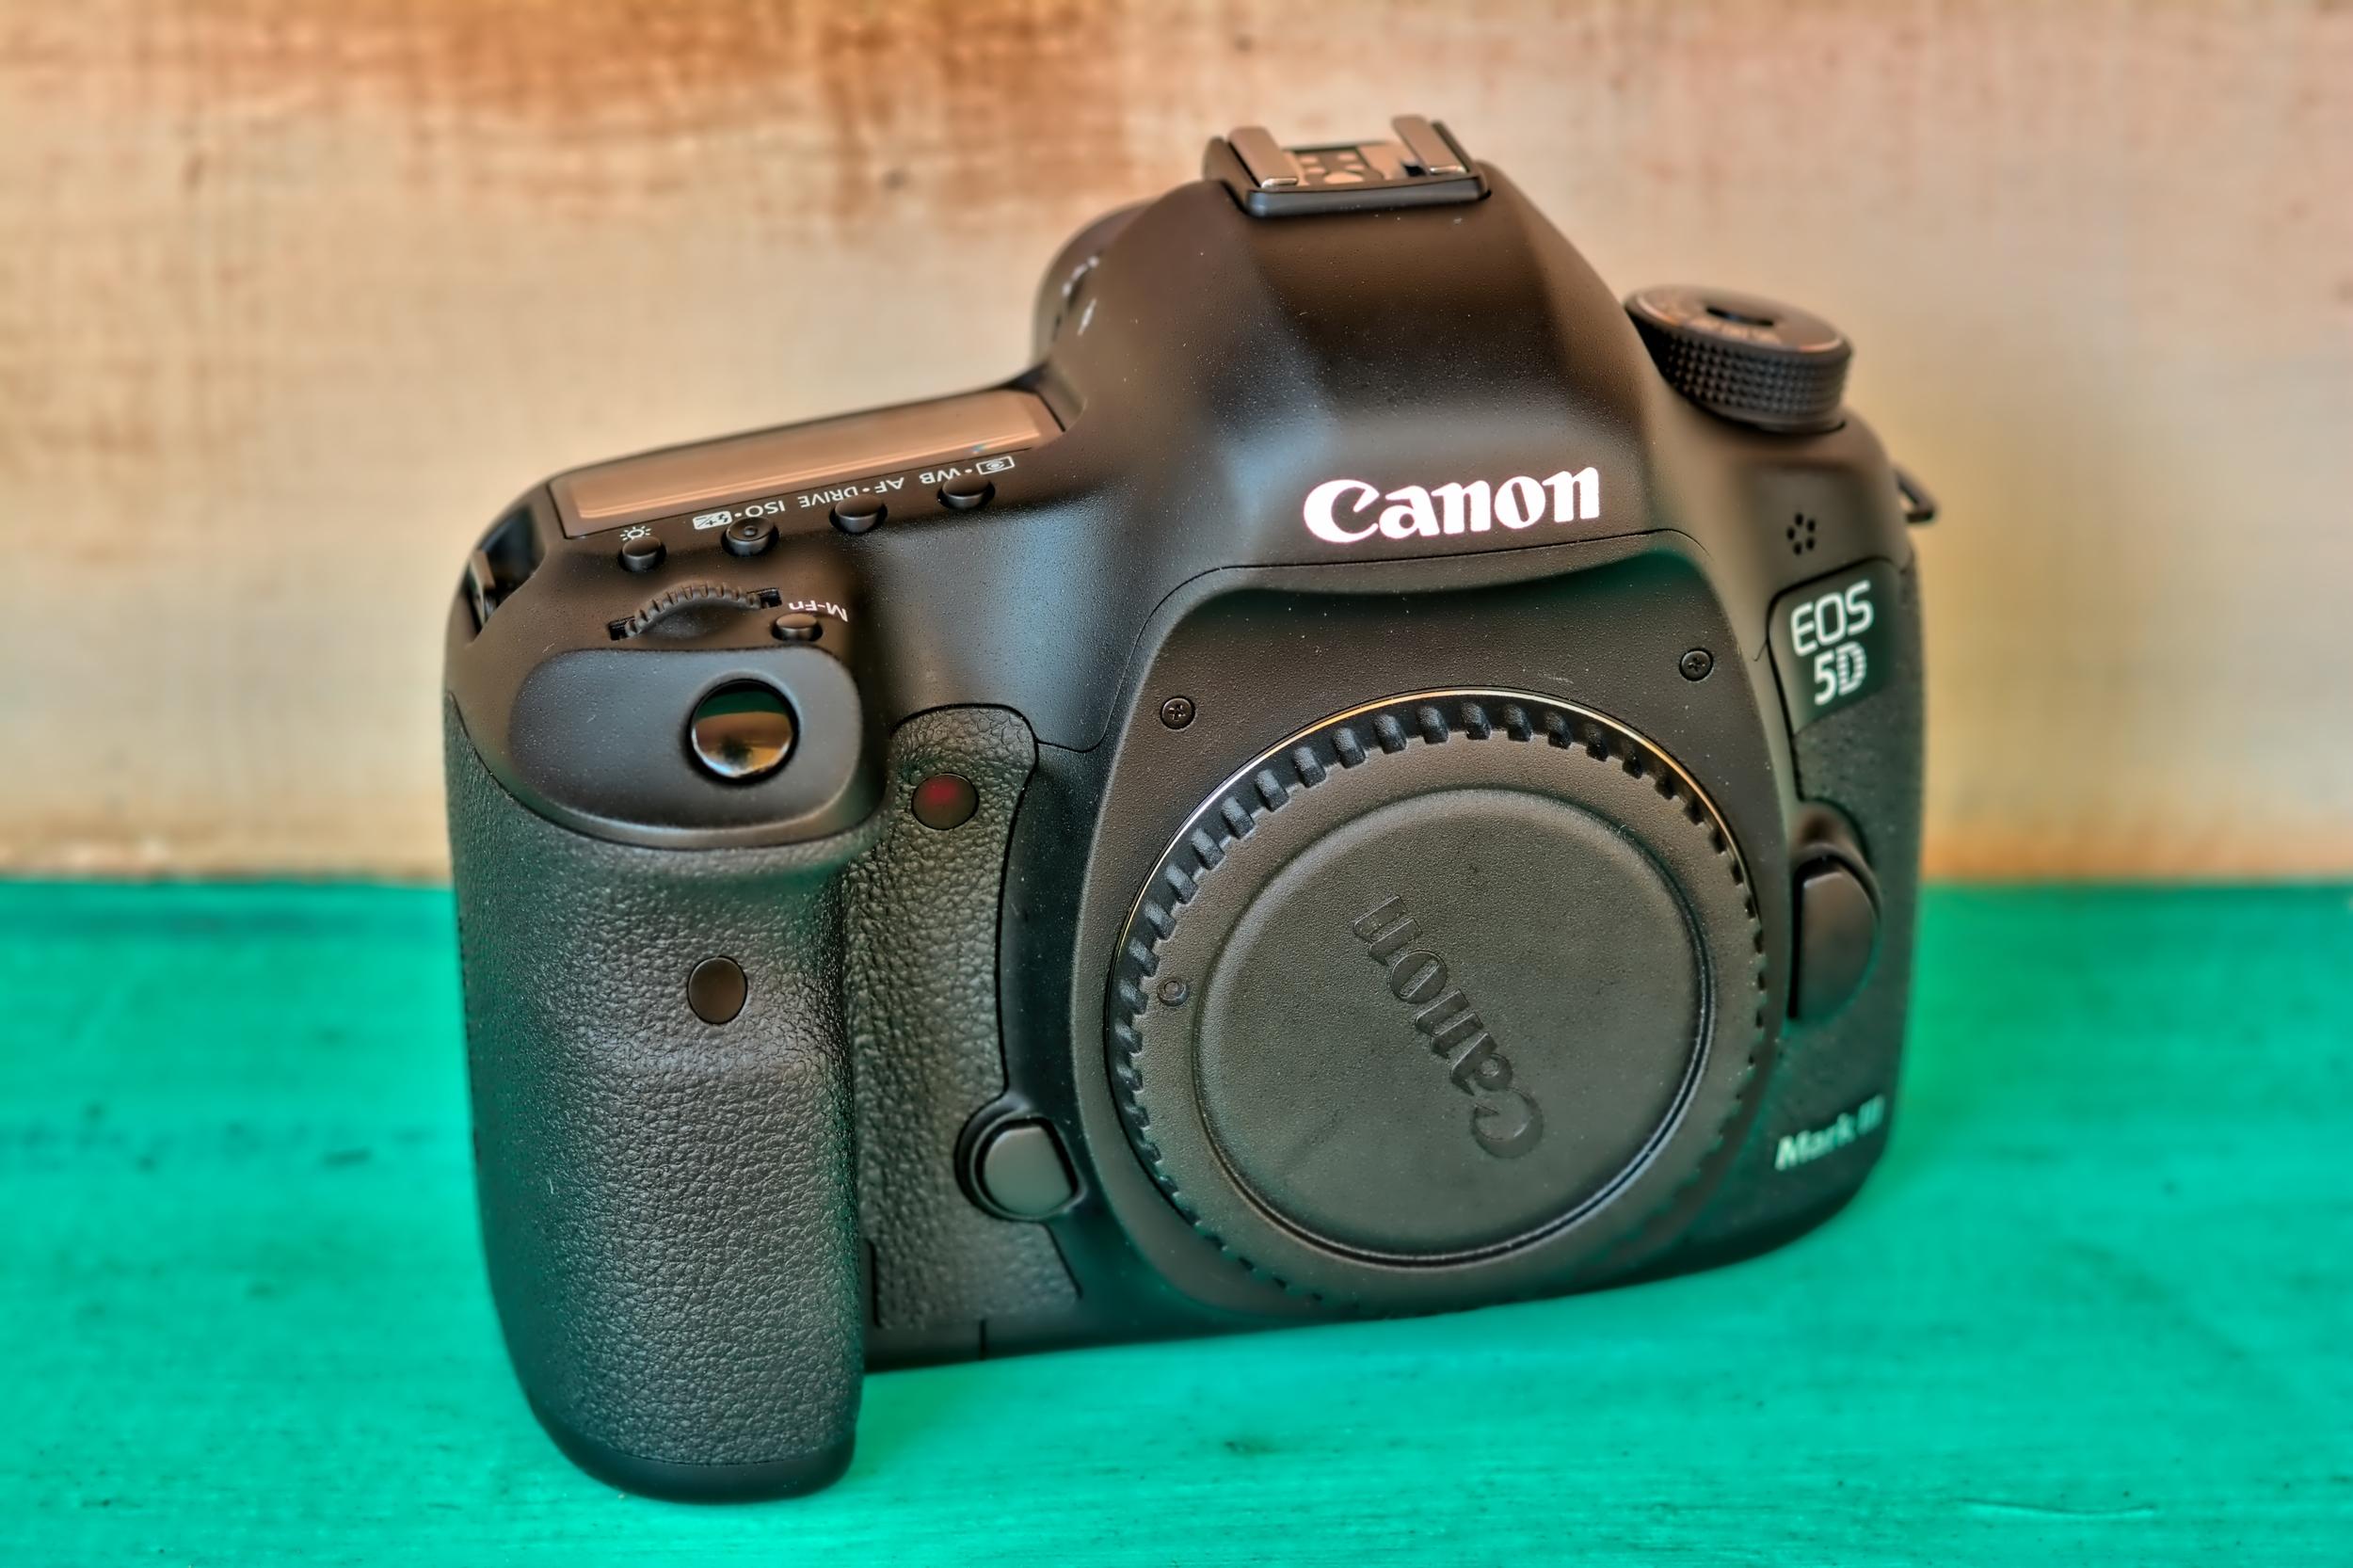 Canon EOS 5D Mark 111 Full Frame DSLR Camera